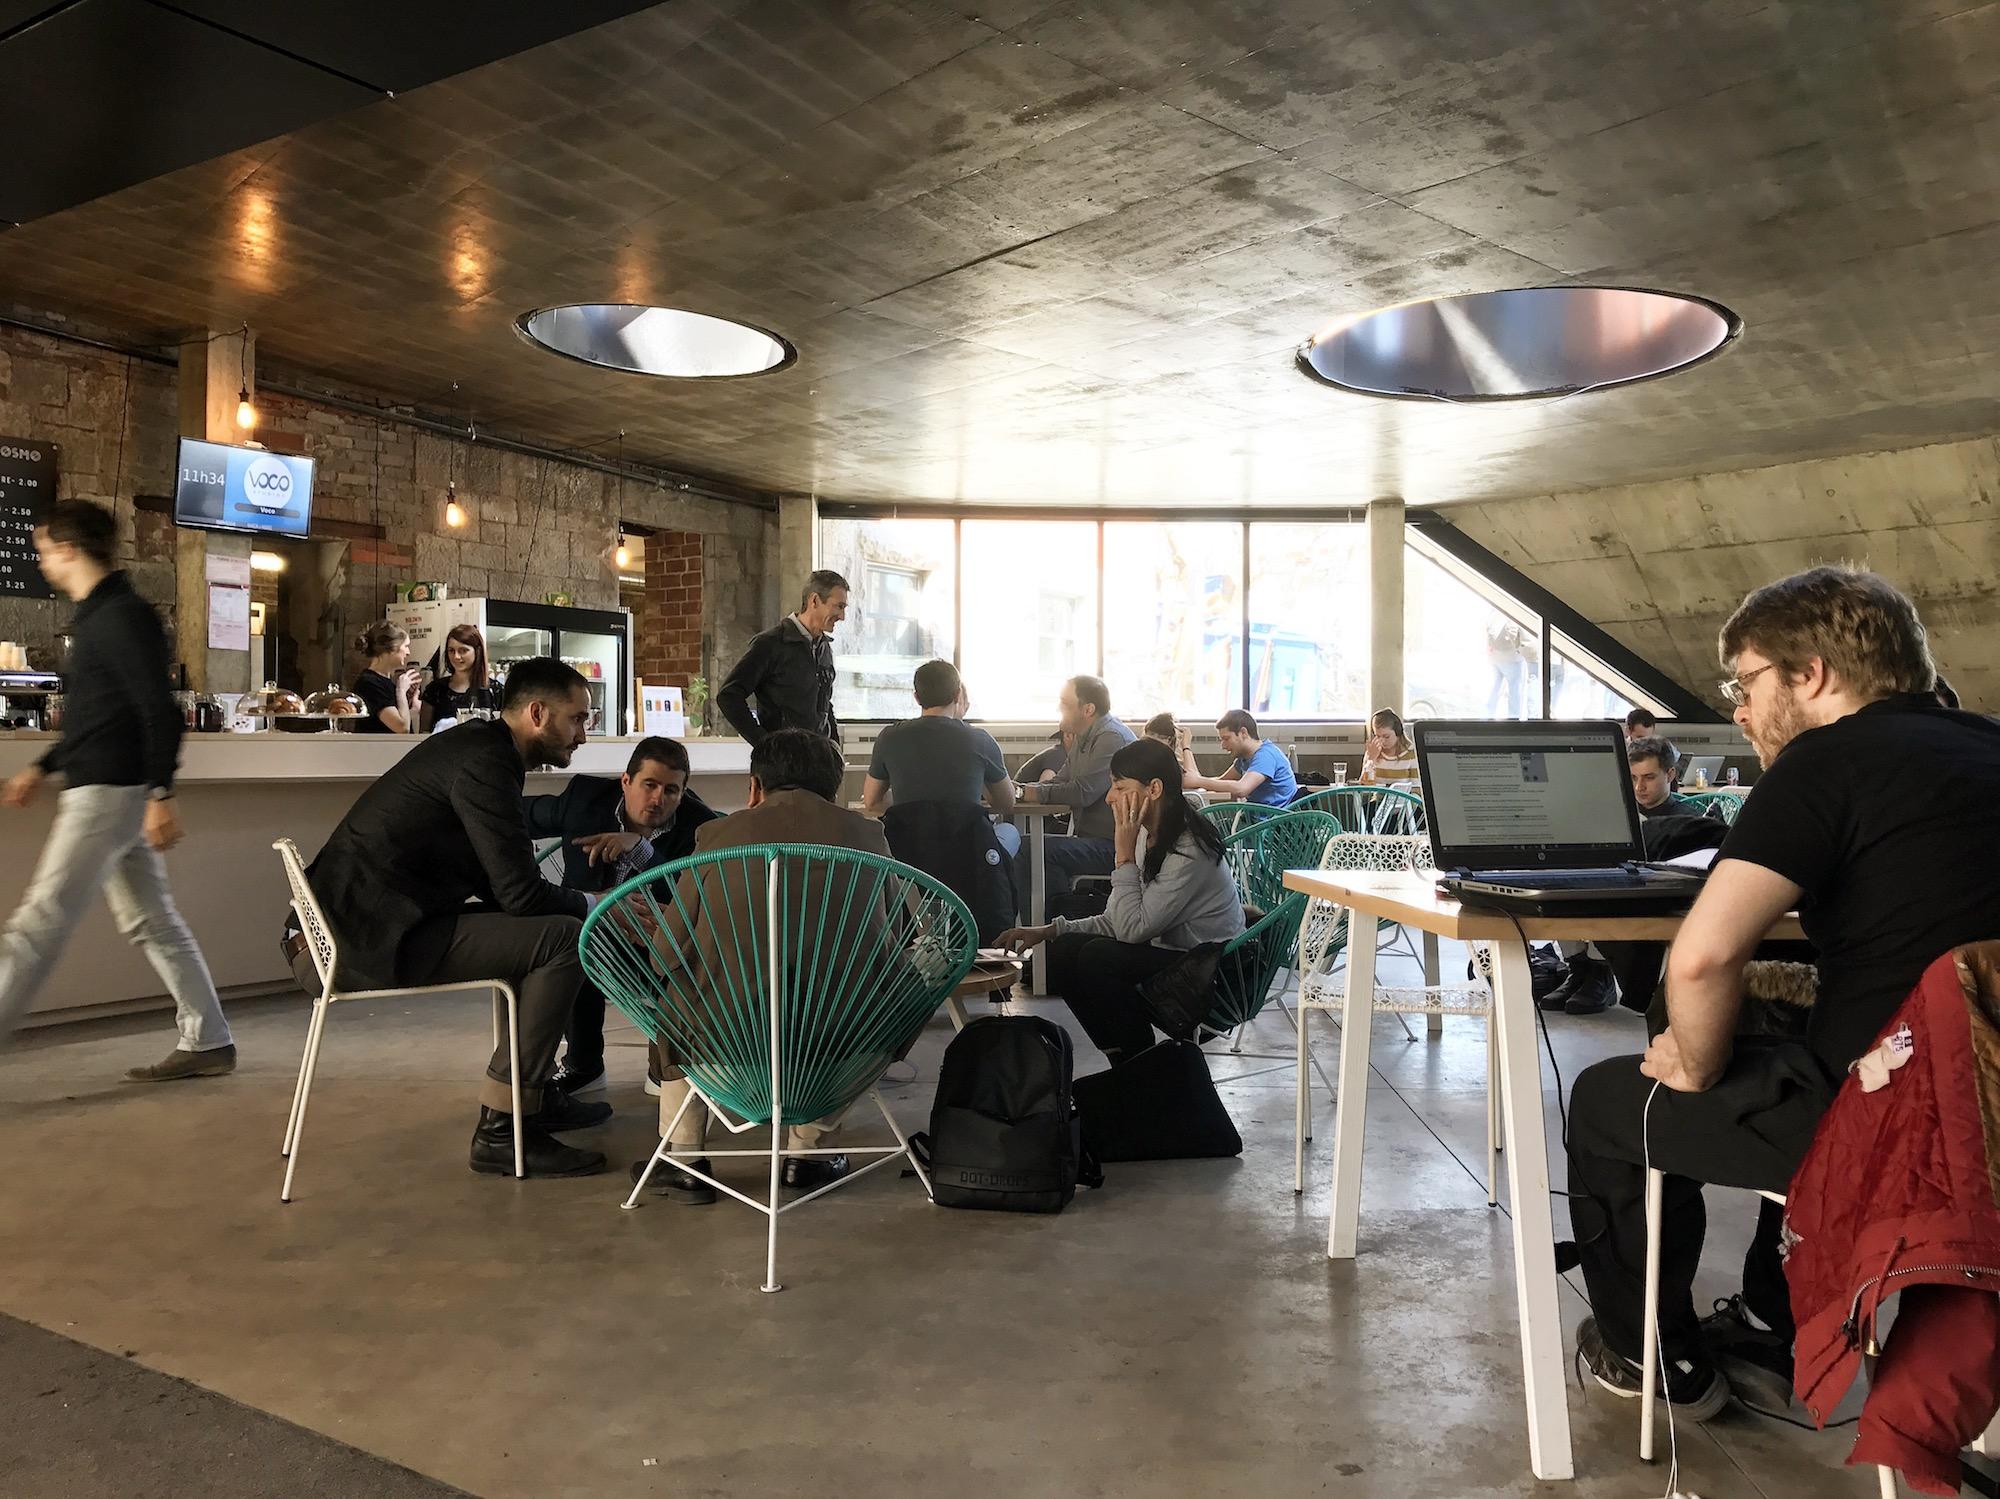 On trouve beaucoup de Café/Coworking au Québec, toujours dans une dynamique de plaisir du travail et d'échanges facilités. Ici le Café Osmo de la Notman House à Montréal (http://notman.org/fr/cafe-osmo/)